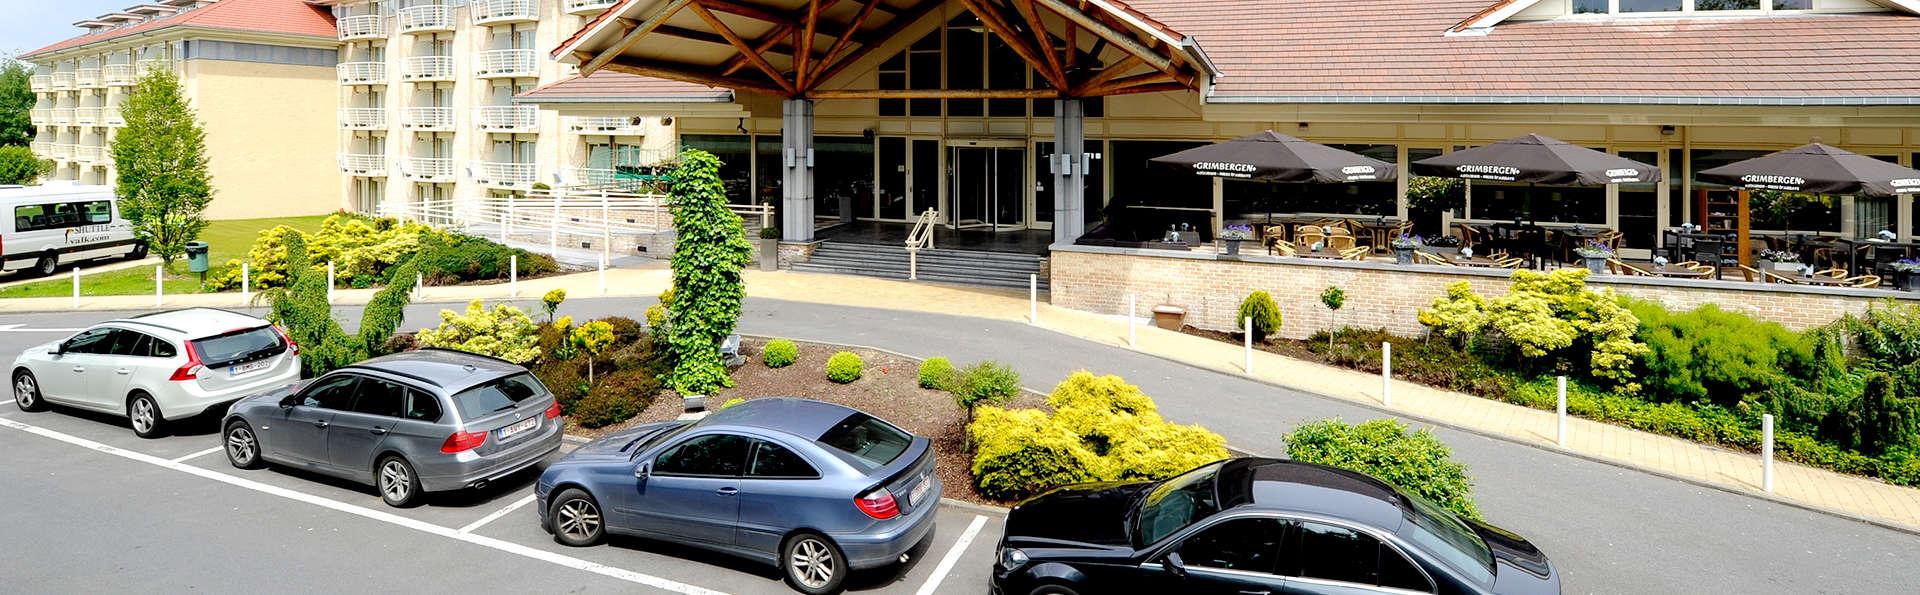 Hotel Restaurant Charleroi Airport - Van der Valk - Edit_Front.jpg